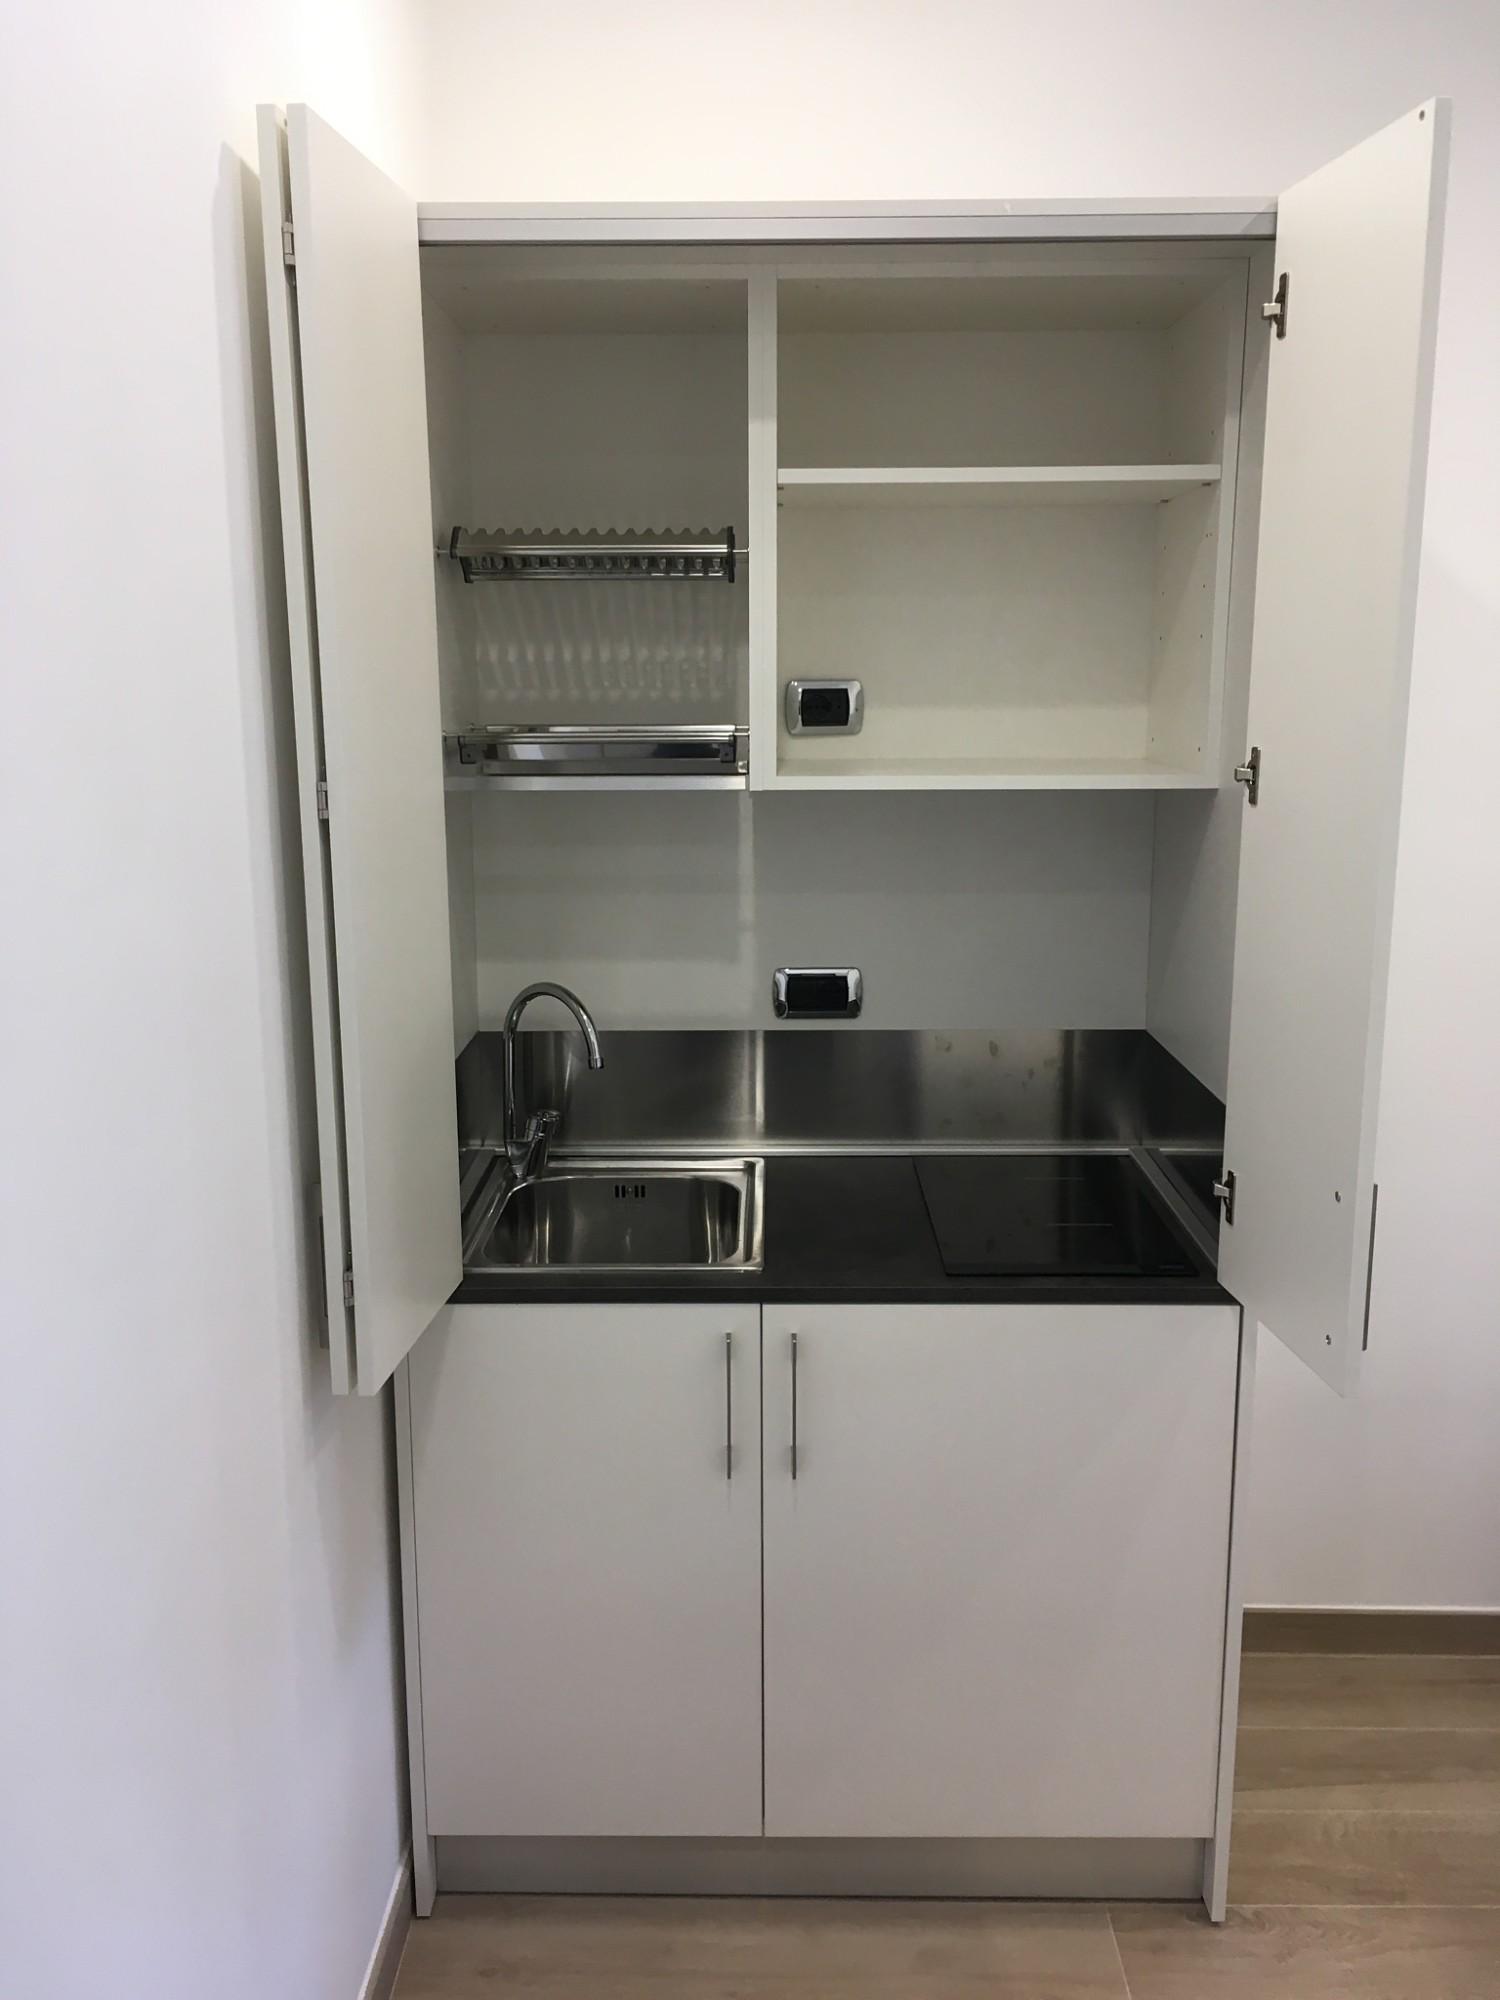 Mobili per la cucina: le soluzioni salvaspazio